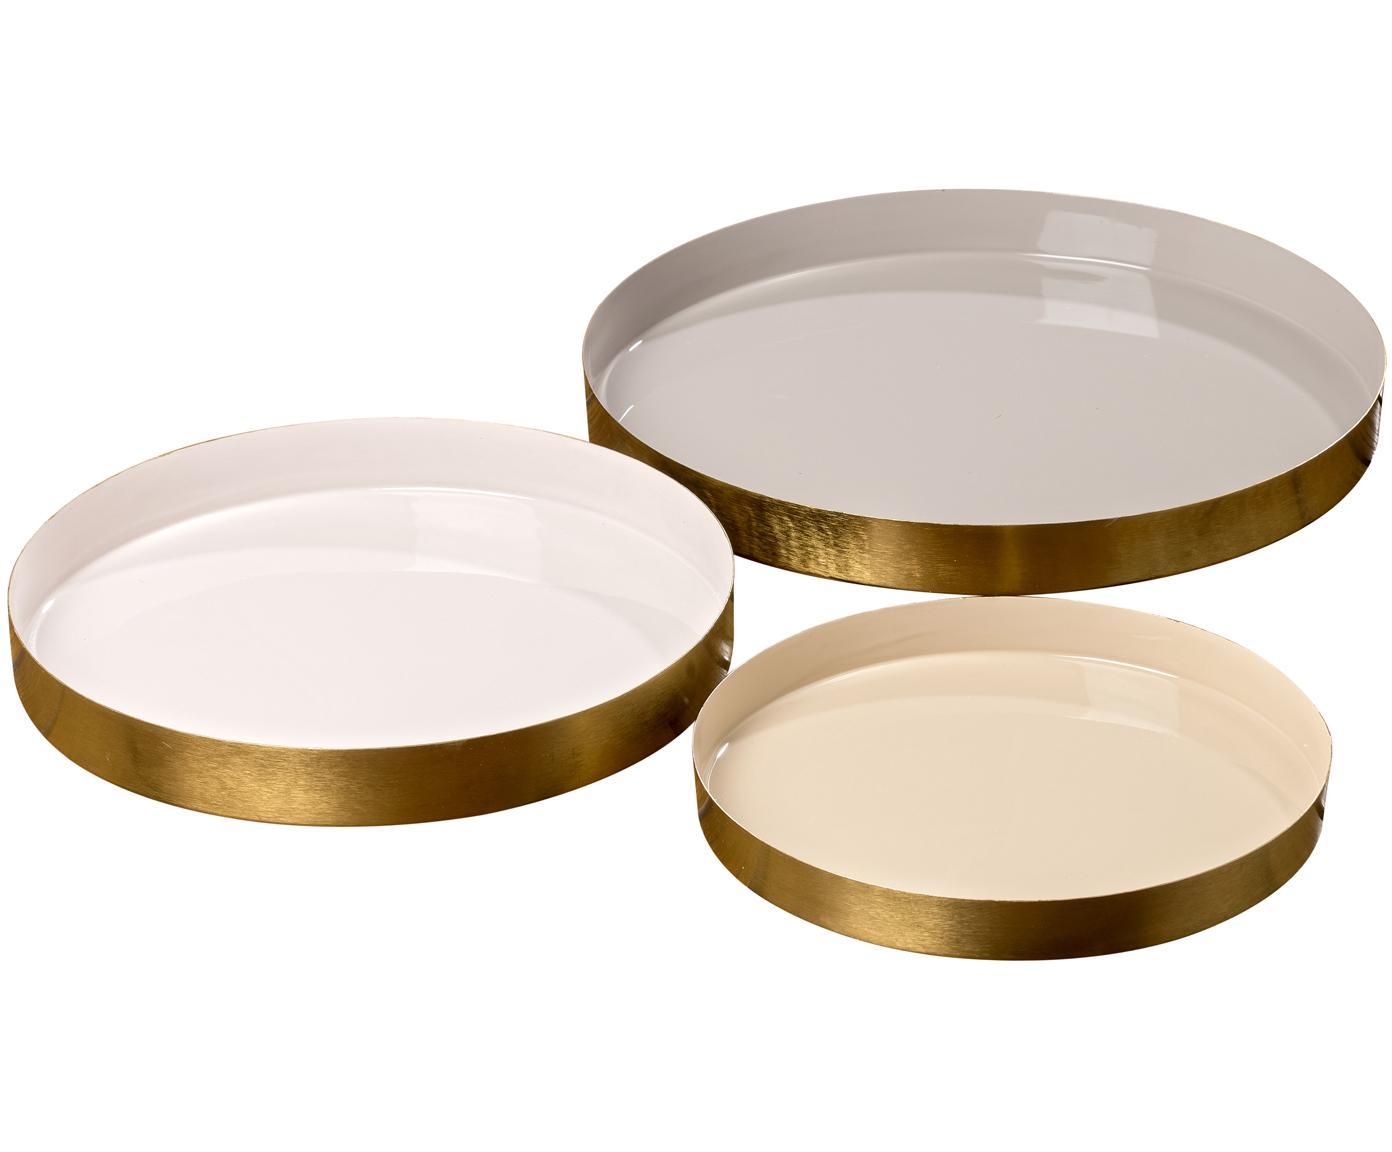 Deko-Tablett-Set Ayra, 3-tlg., Metall, lackiert, Grau, Beige, Weiss<br>Aussenrand: Jeweils Goldfarben, Verschiedene Grössen